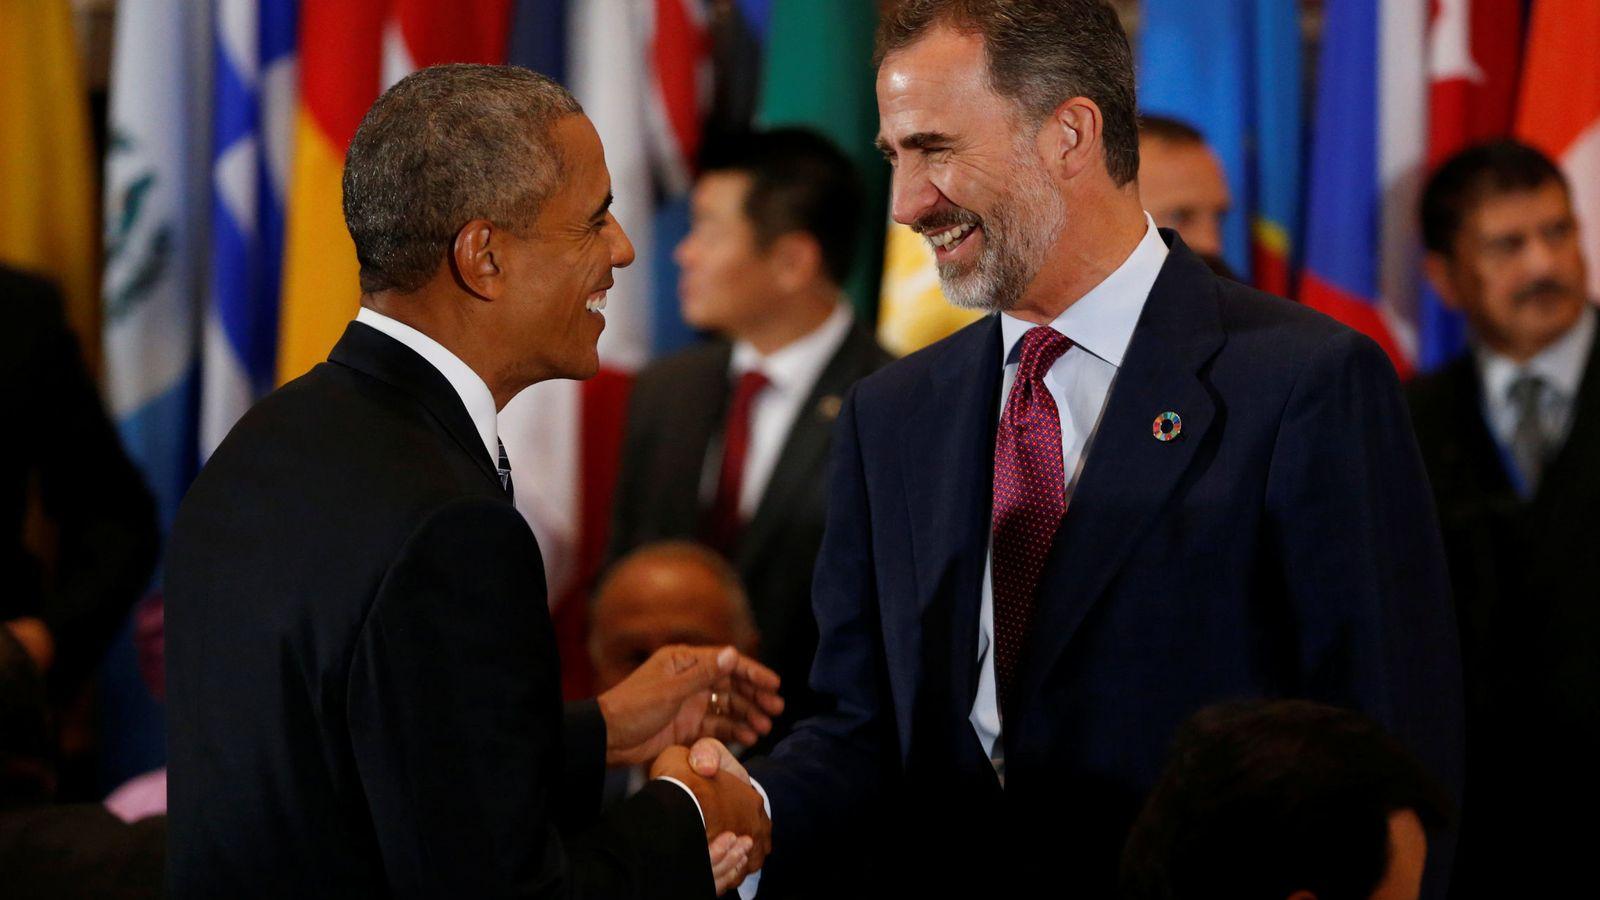 Foto: El rey Felipe VI saluda al presidente norteamericano Barack Obama. (Reuters)